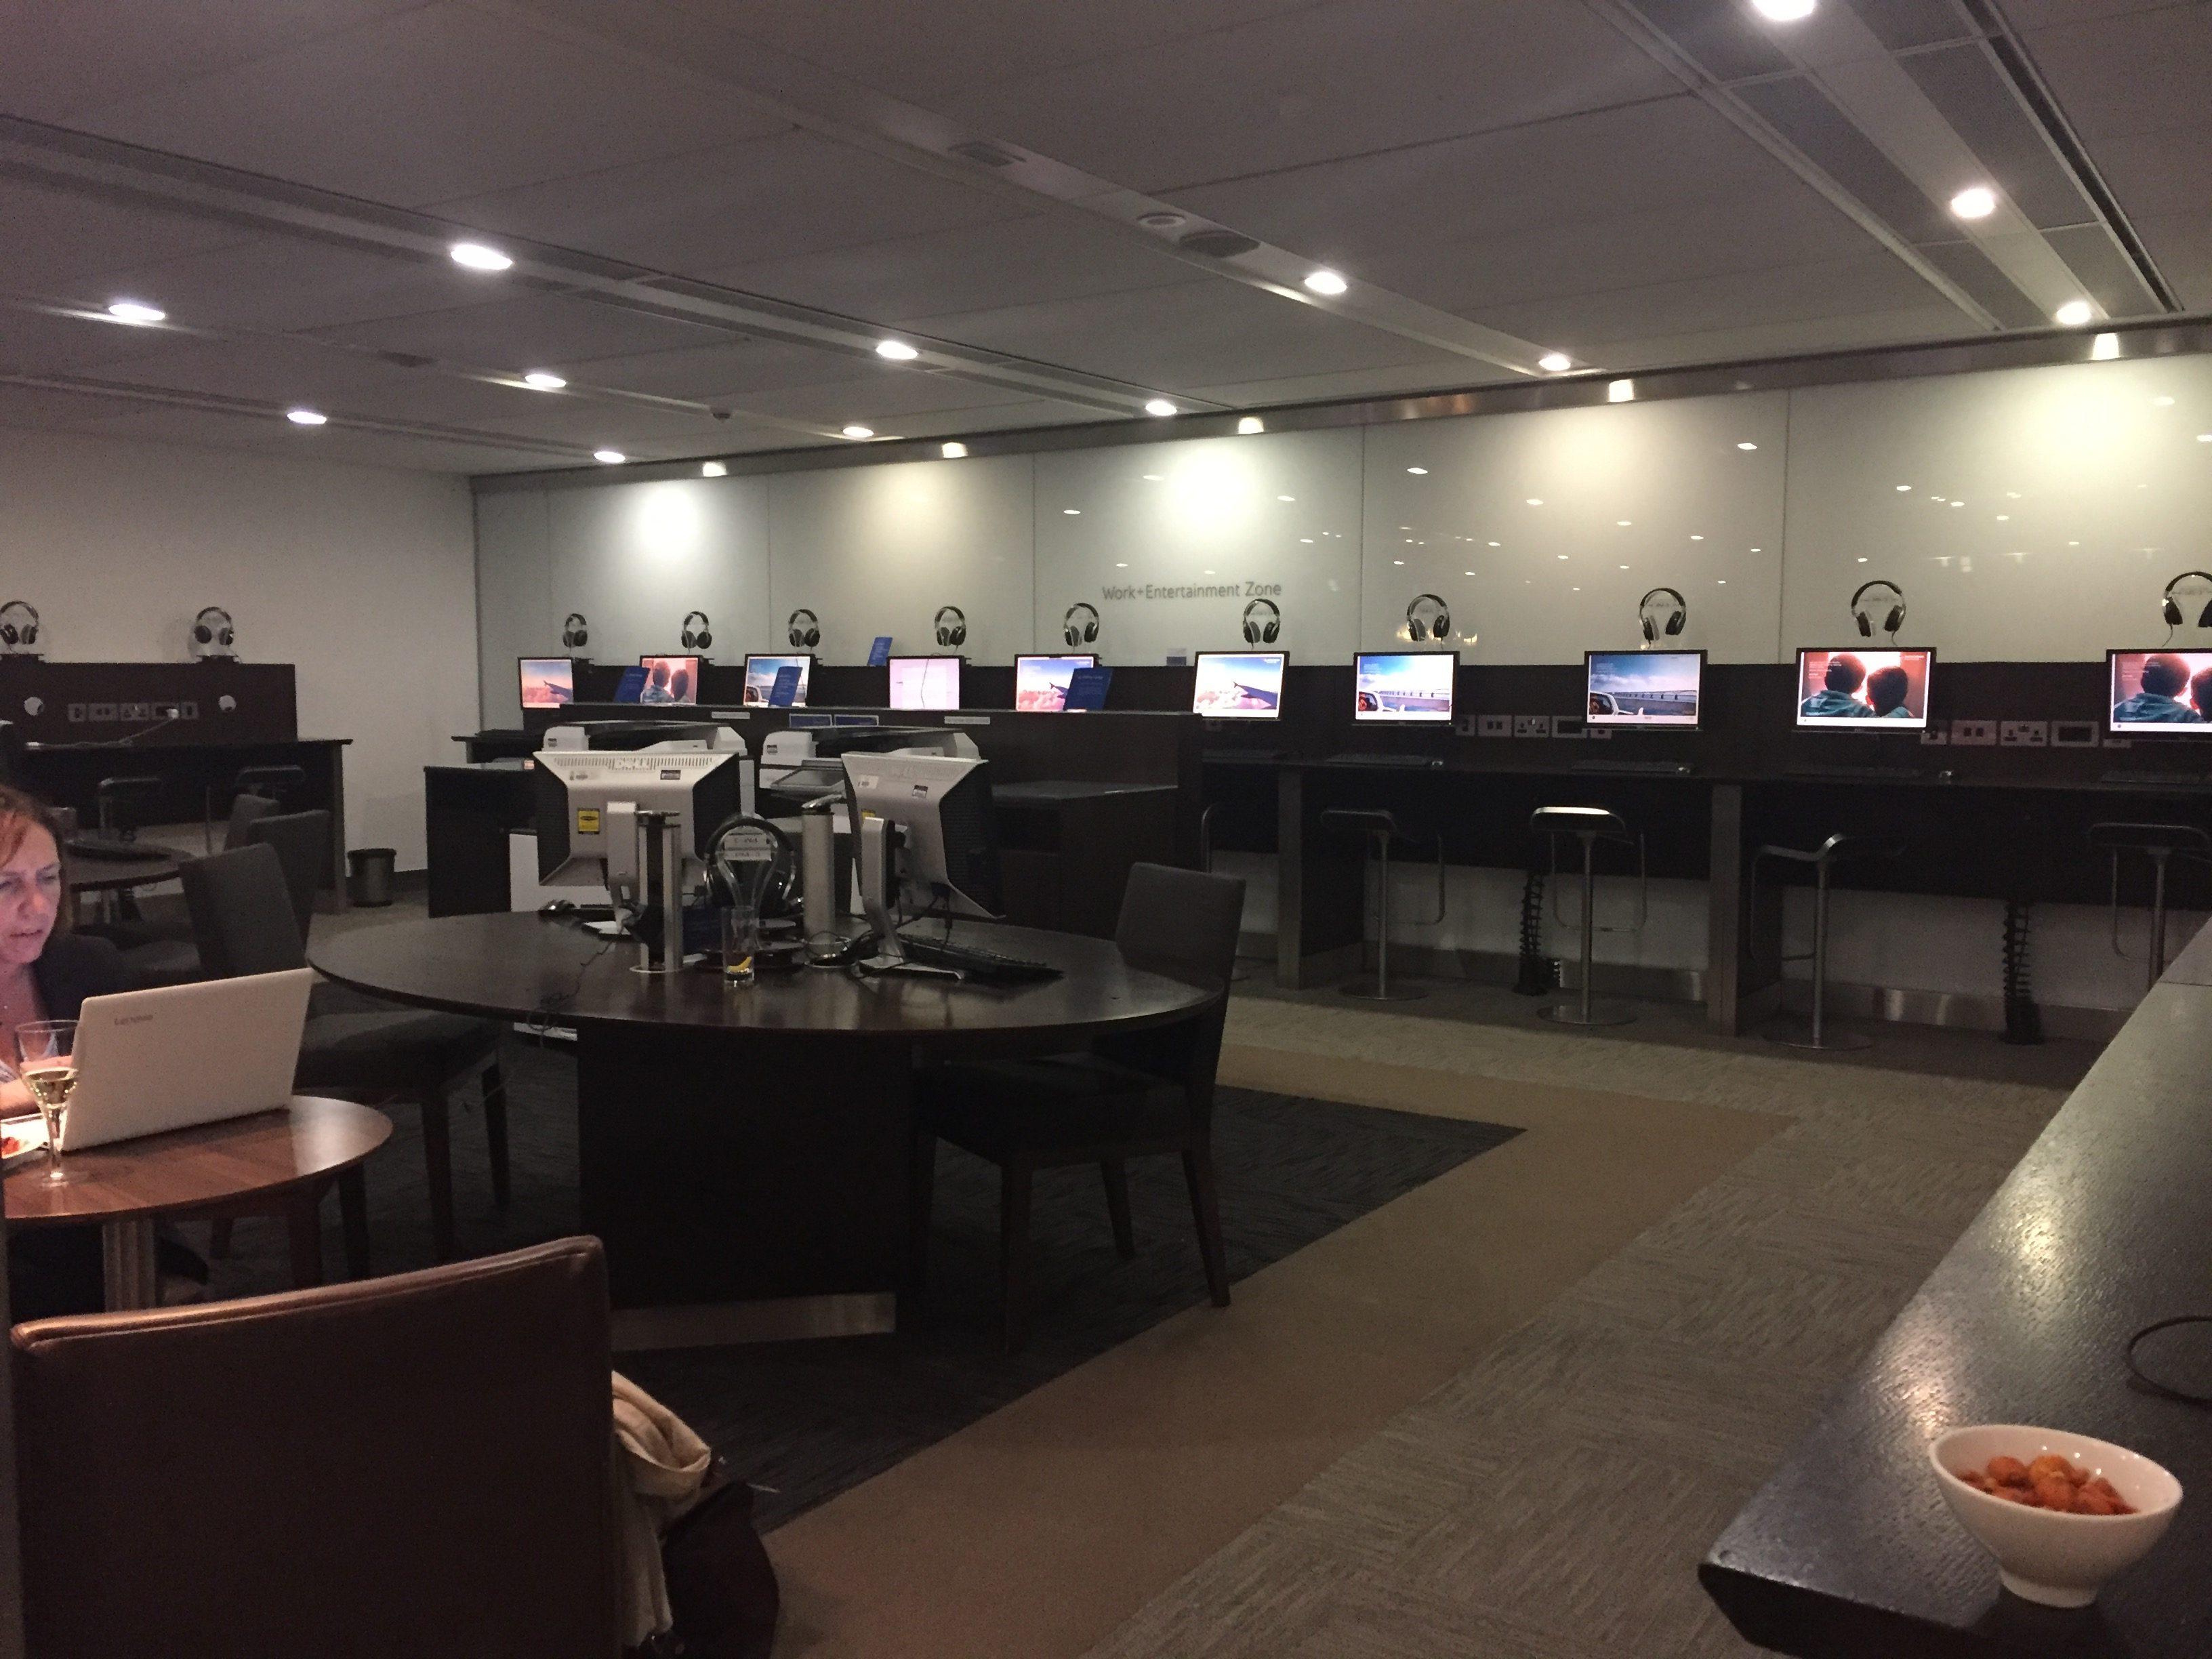 IMG 3210 e1520812925830 - El Salón VIP de British Airways en el aeropuerto de Londres Heathrow